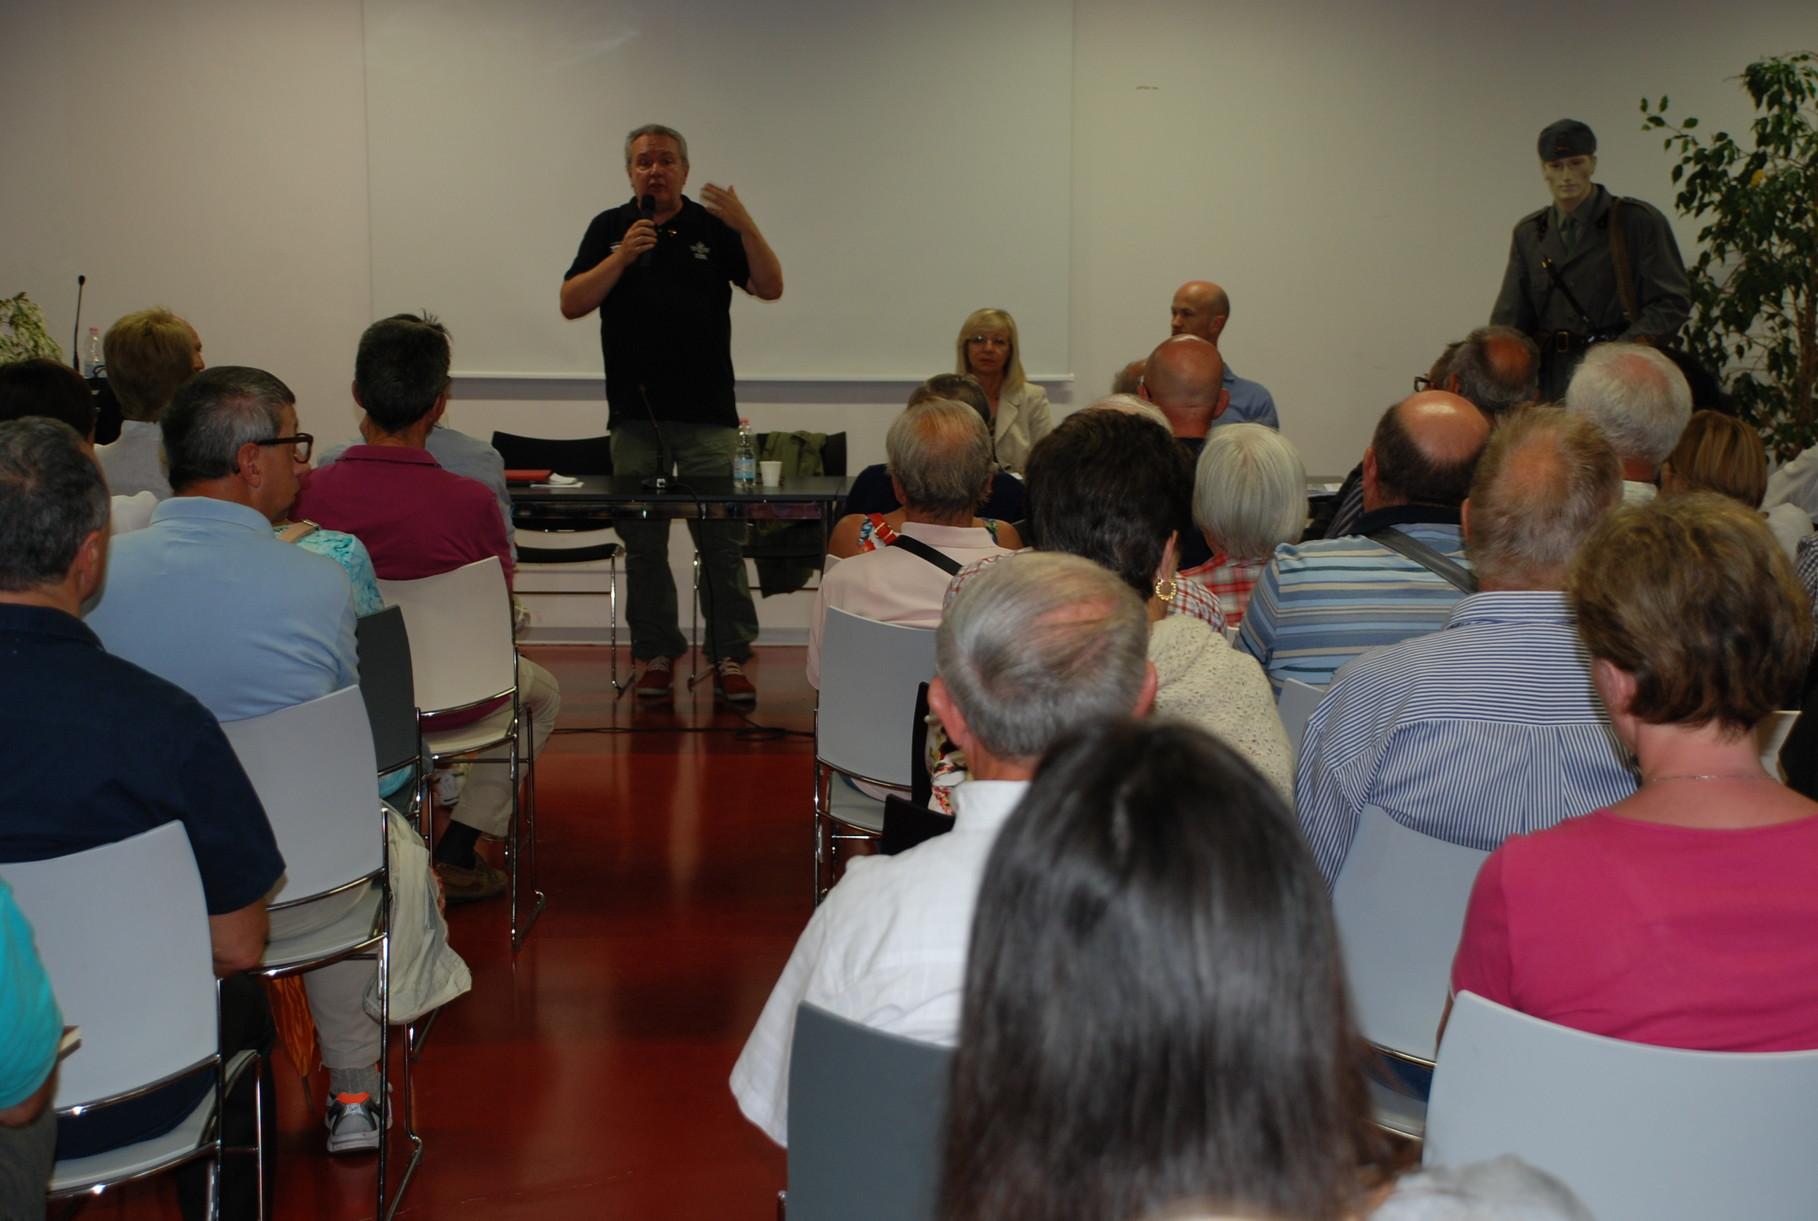 Presentazione del regista Mauro Vittorio Quattrina